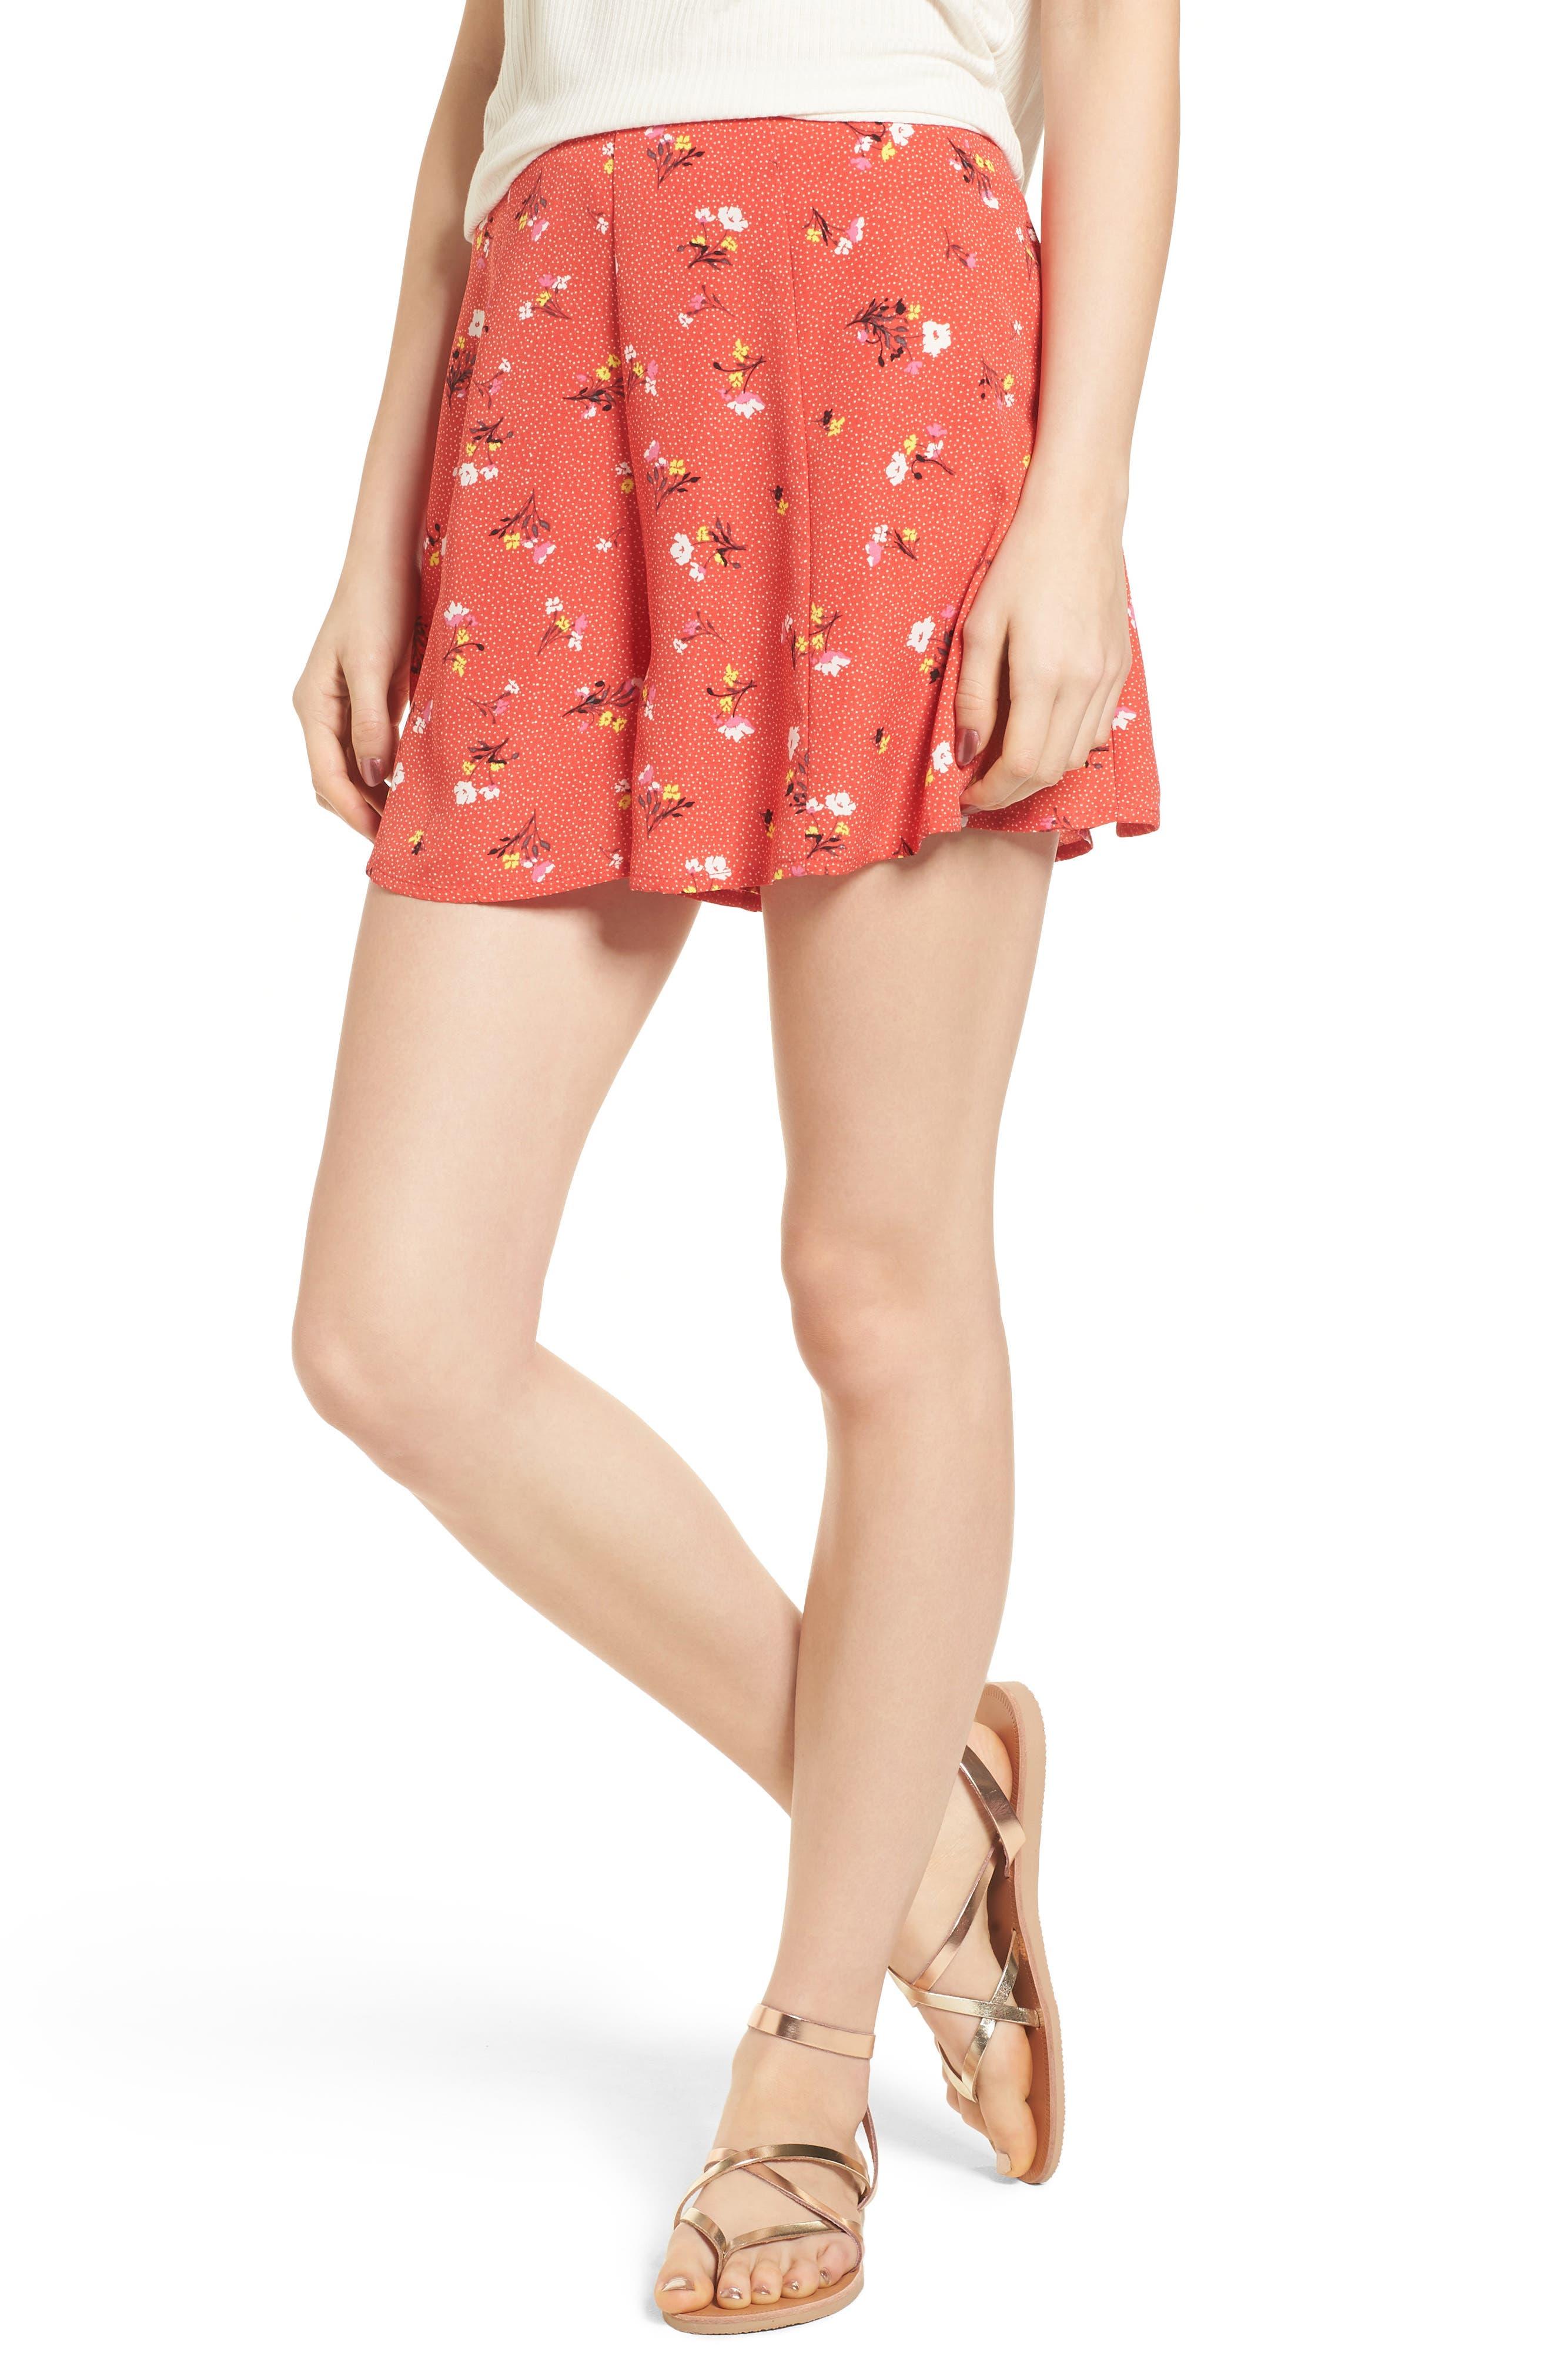 Love, Fire Print High Waist Shorts